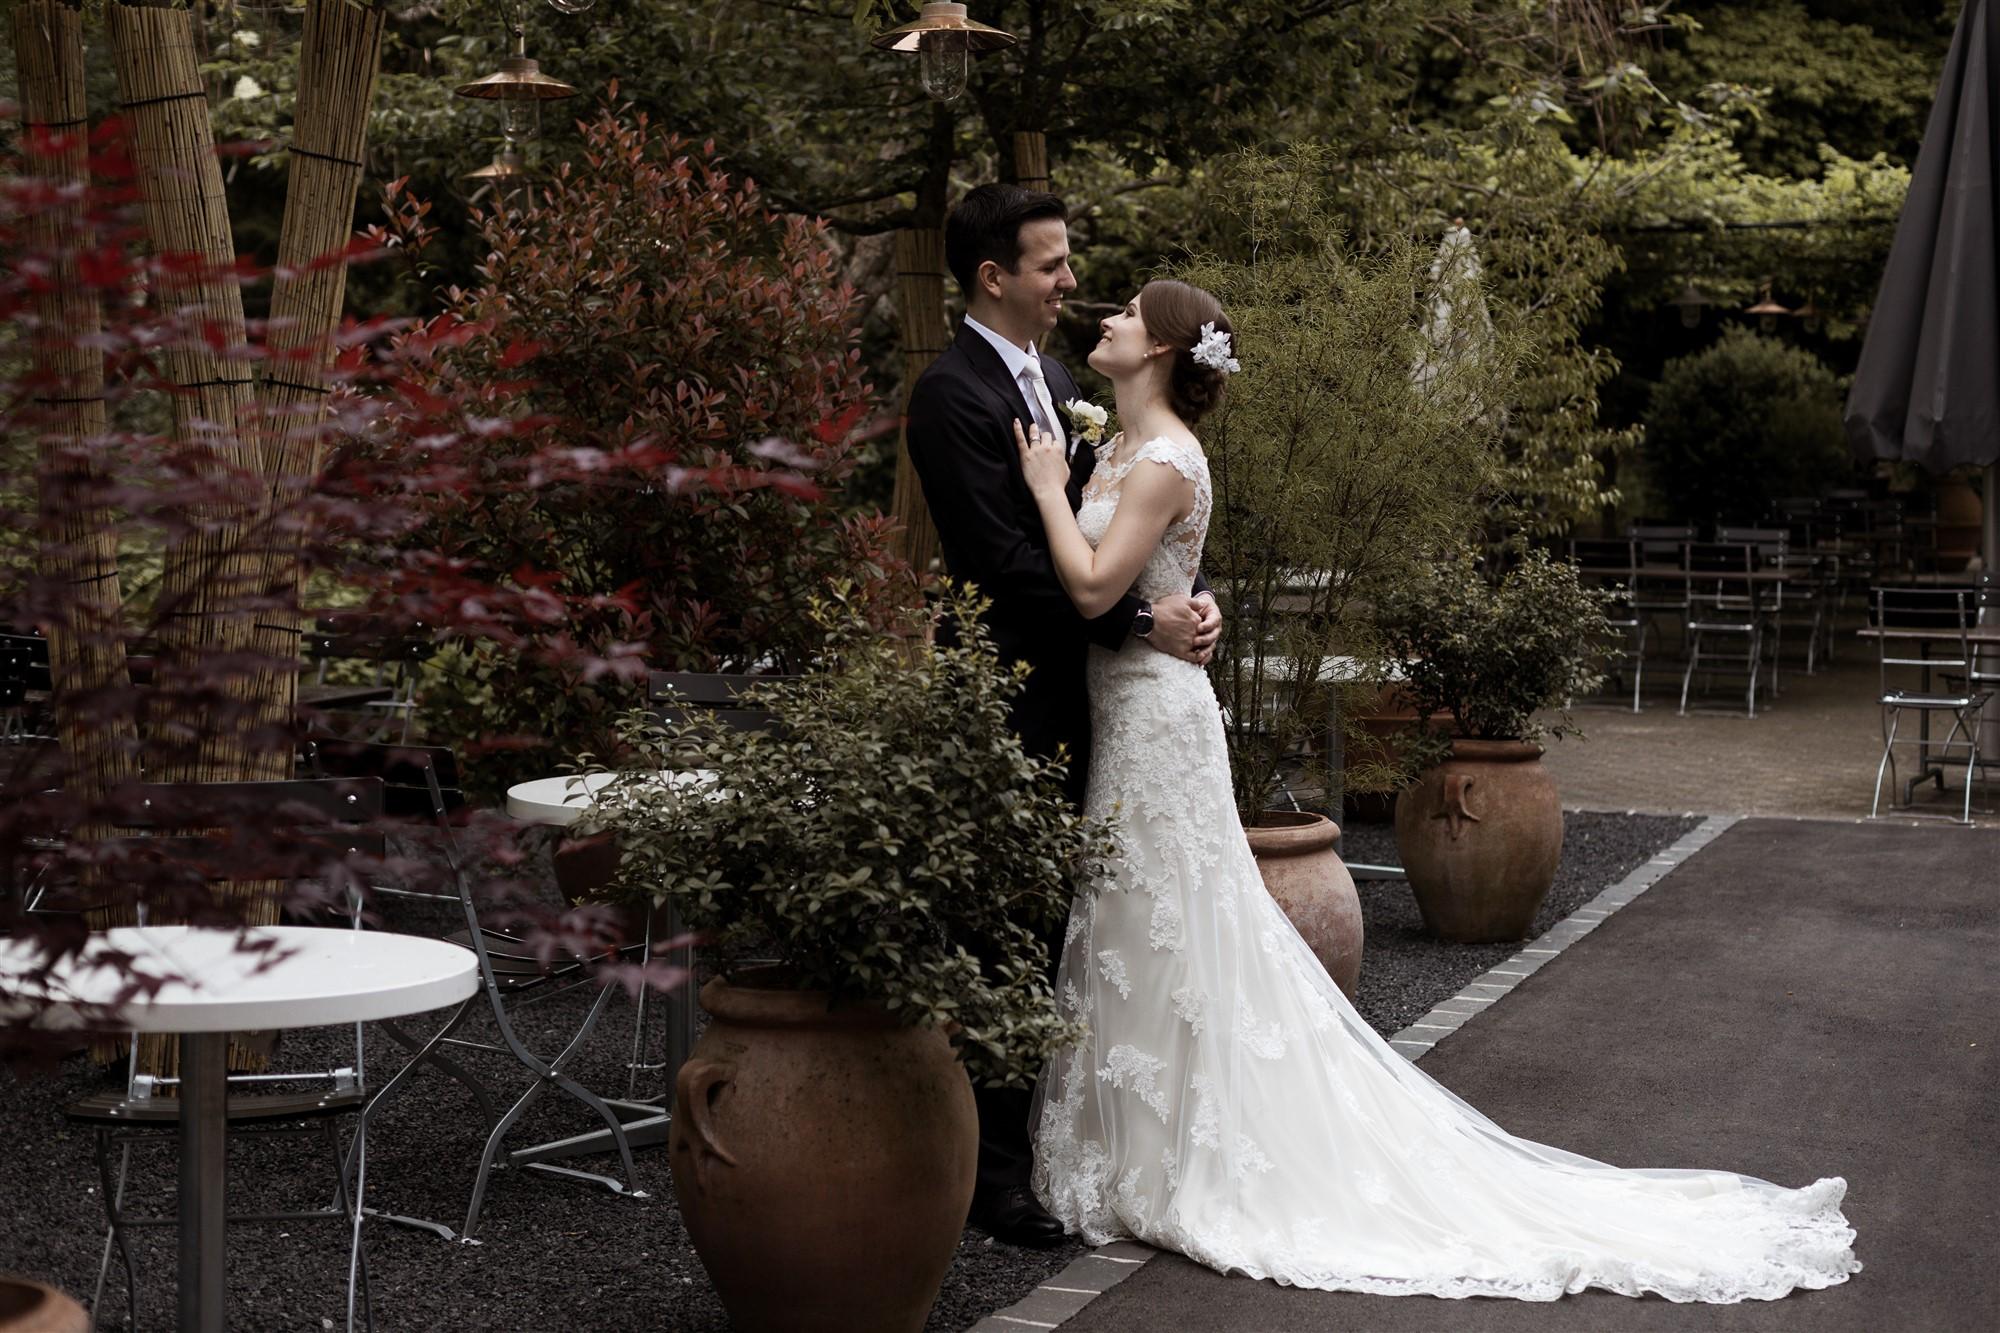 Ein natürliches Brautpaar Fotoshooting - Hochzeitsfotograf Baselland